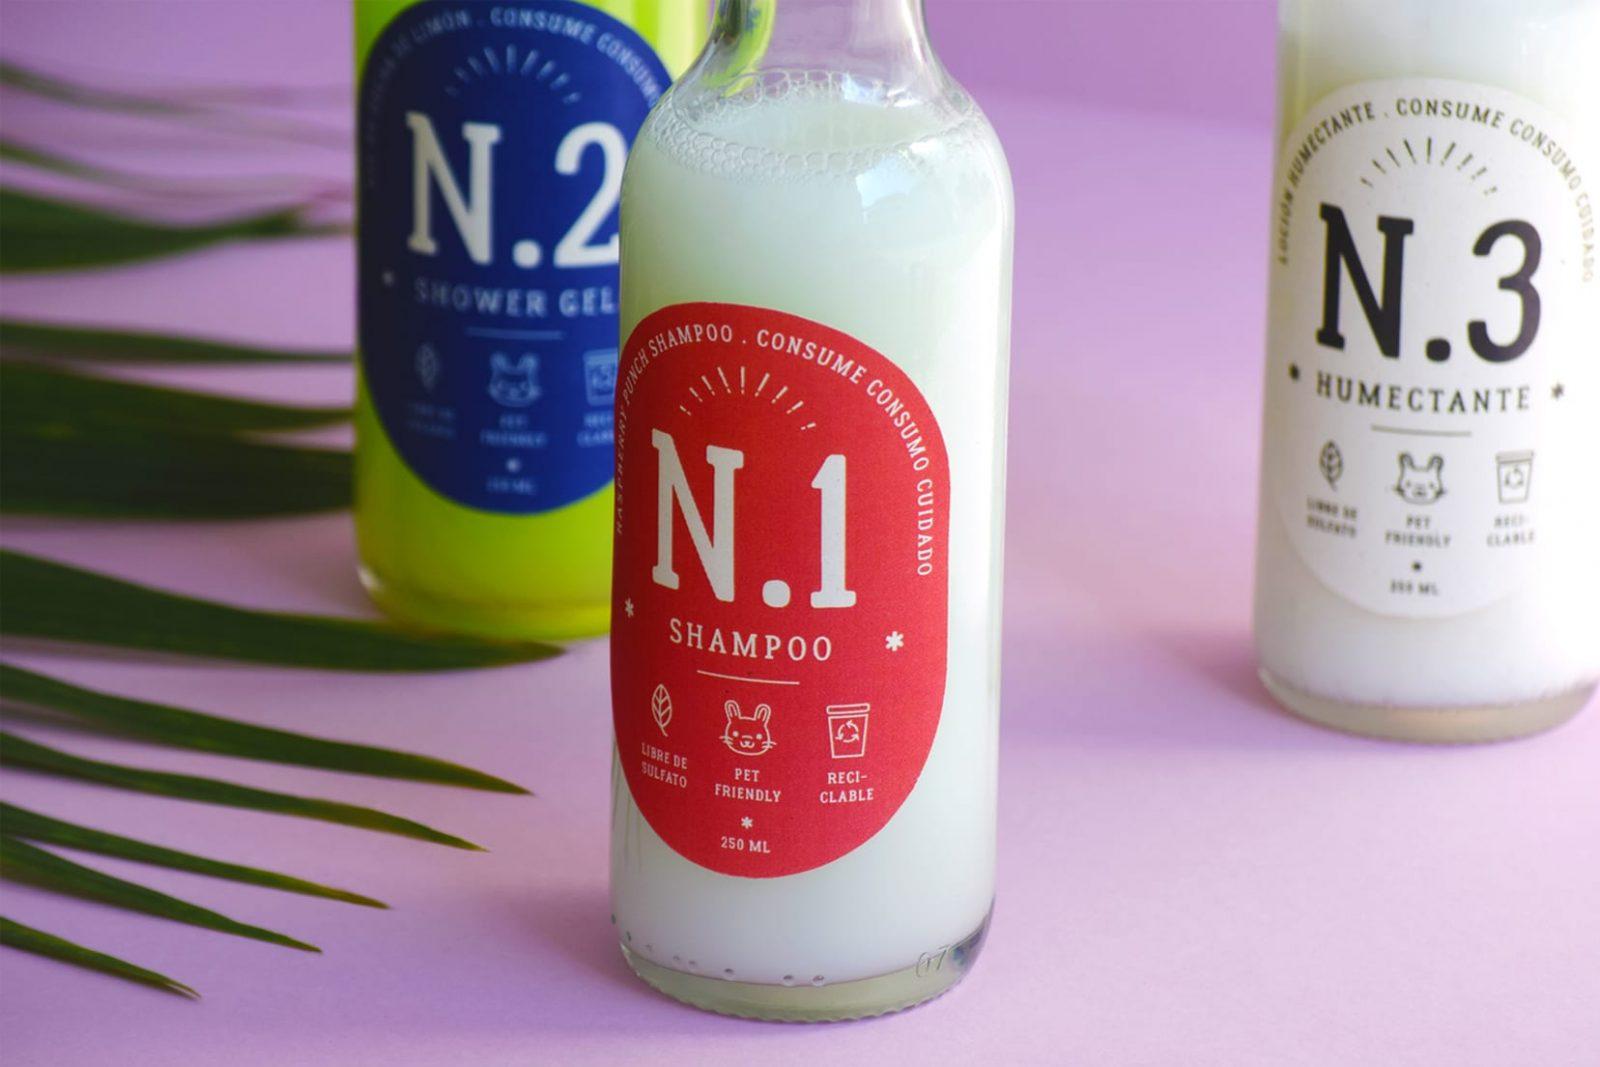 Eco-Friendly Packaging for Consumo Cuidado